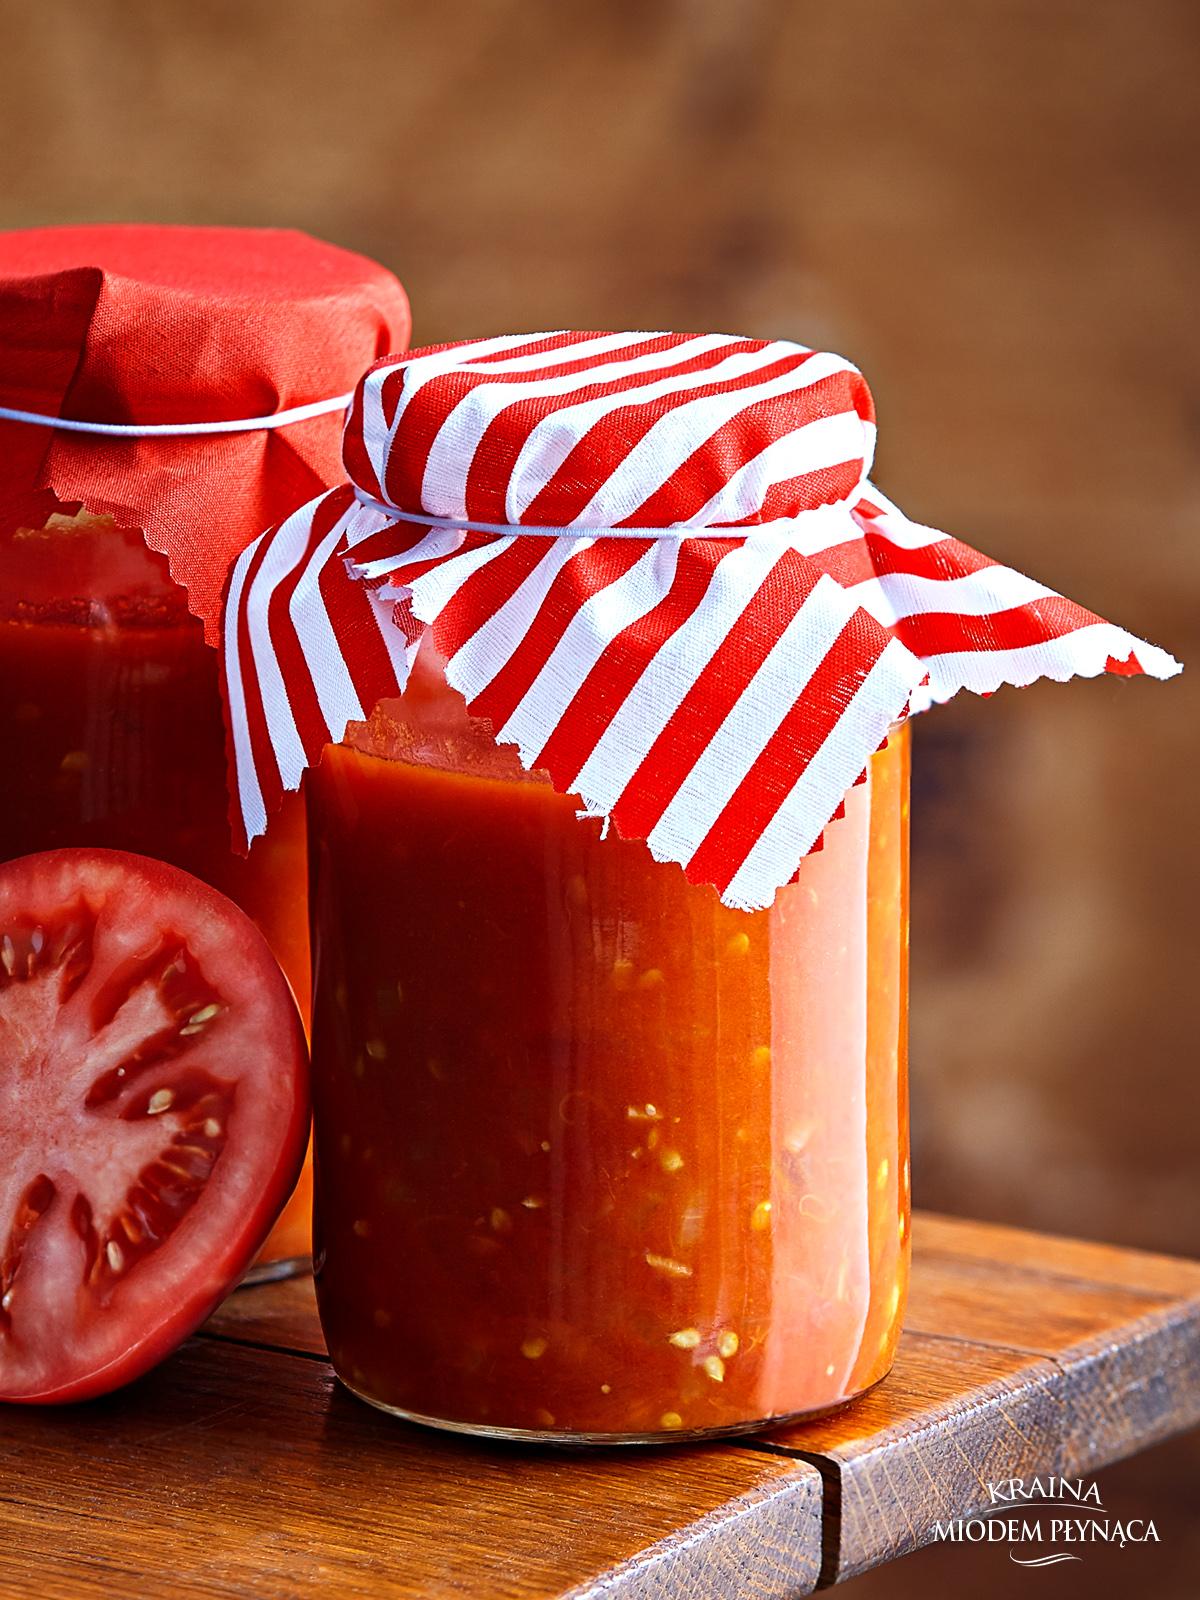 sos ze świeżych pomidorów, domowy sos pomidorowy, sos z pomidorów malinowych, makaron z sosem pomidorowym, makaron z pomidorami, wegetariański sos, makaron w sosie wegetariańskim, kraina miodem płynąca